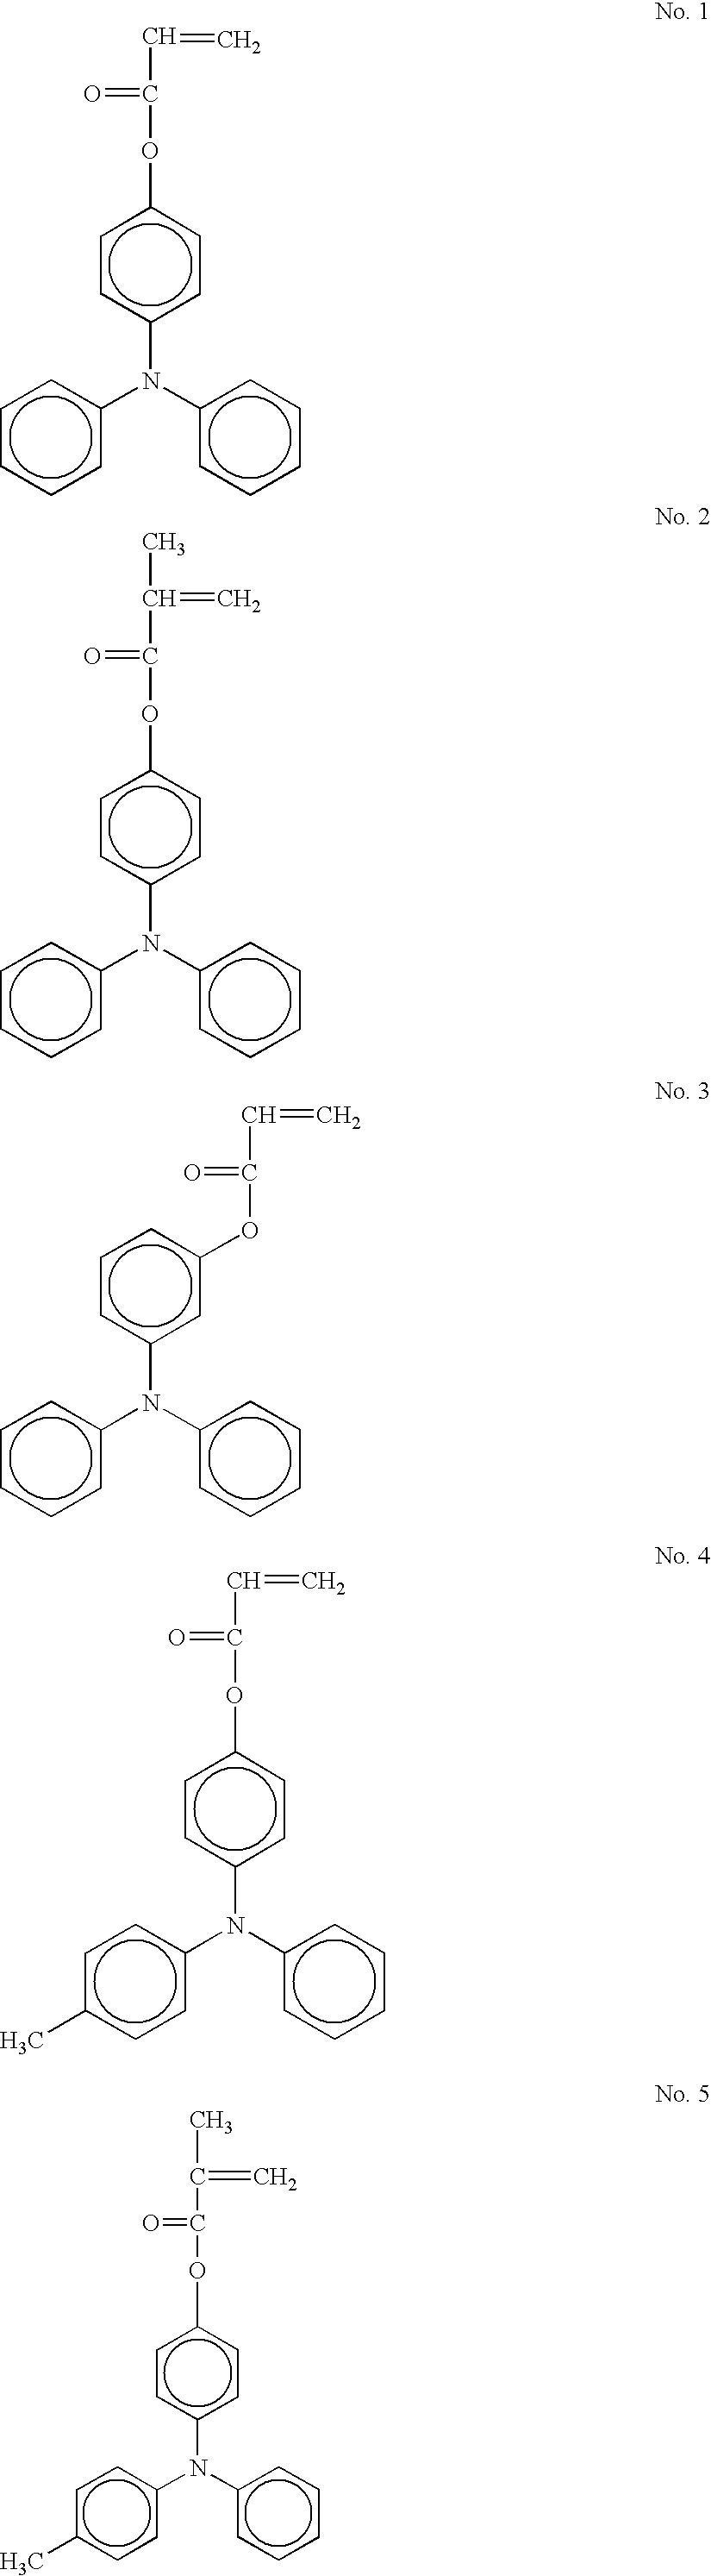 Figure US20070059619A1-20070315-C00014